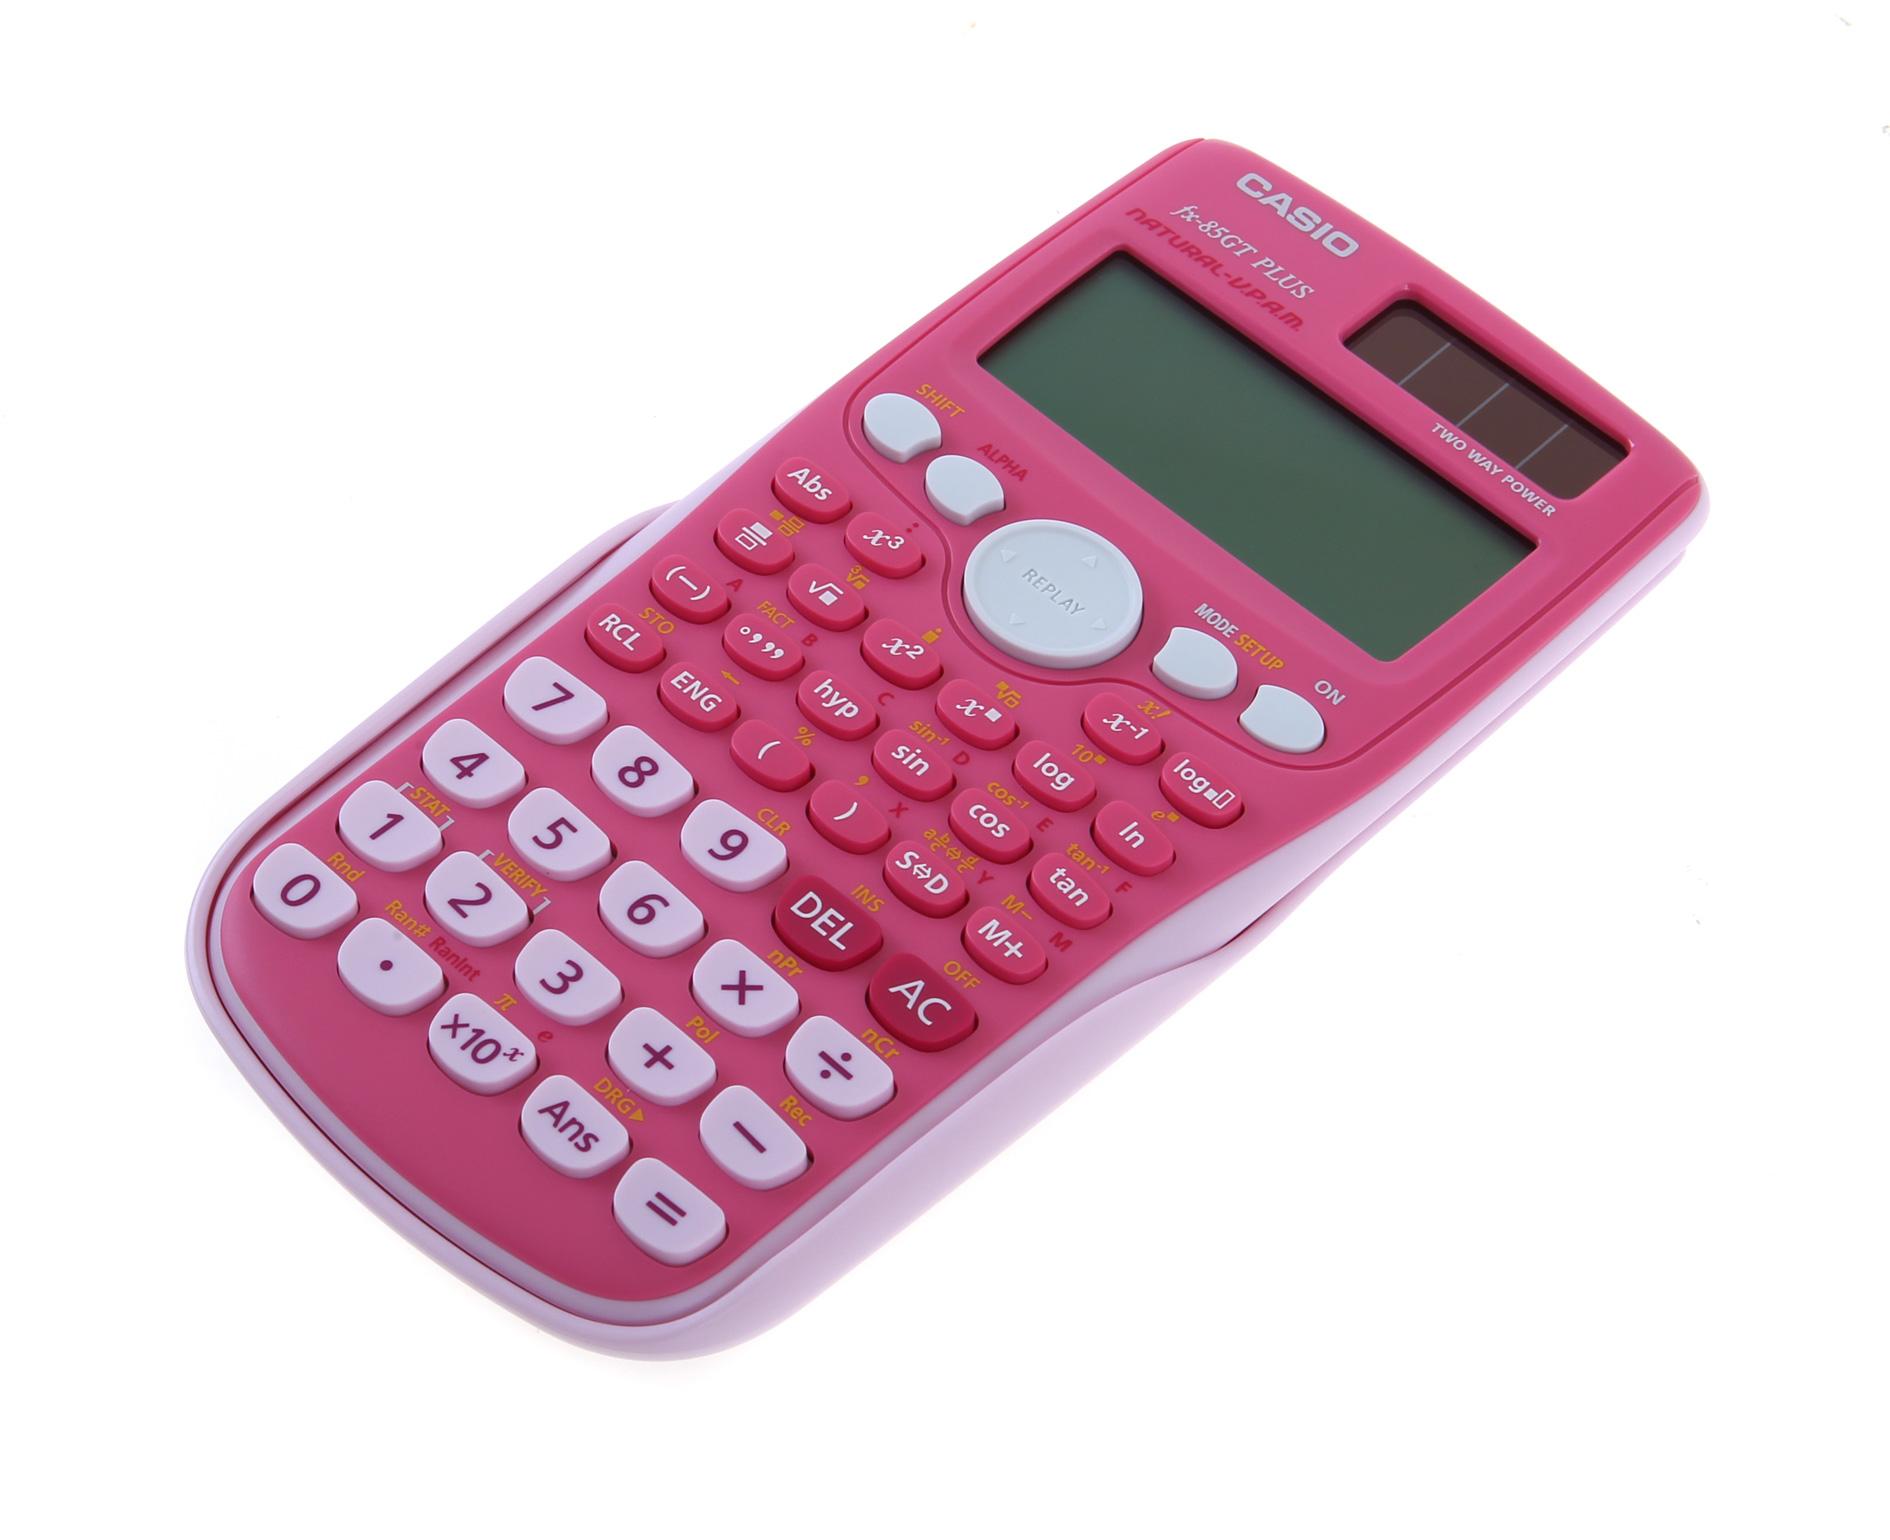 Casio FX-85GT Plus Scientific Calculator Pink - Calculators - Home ...